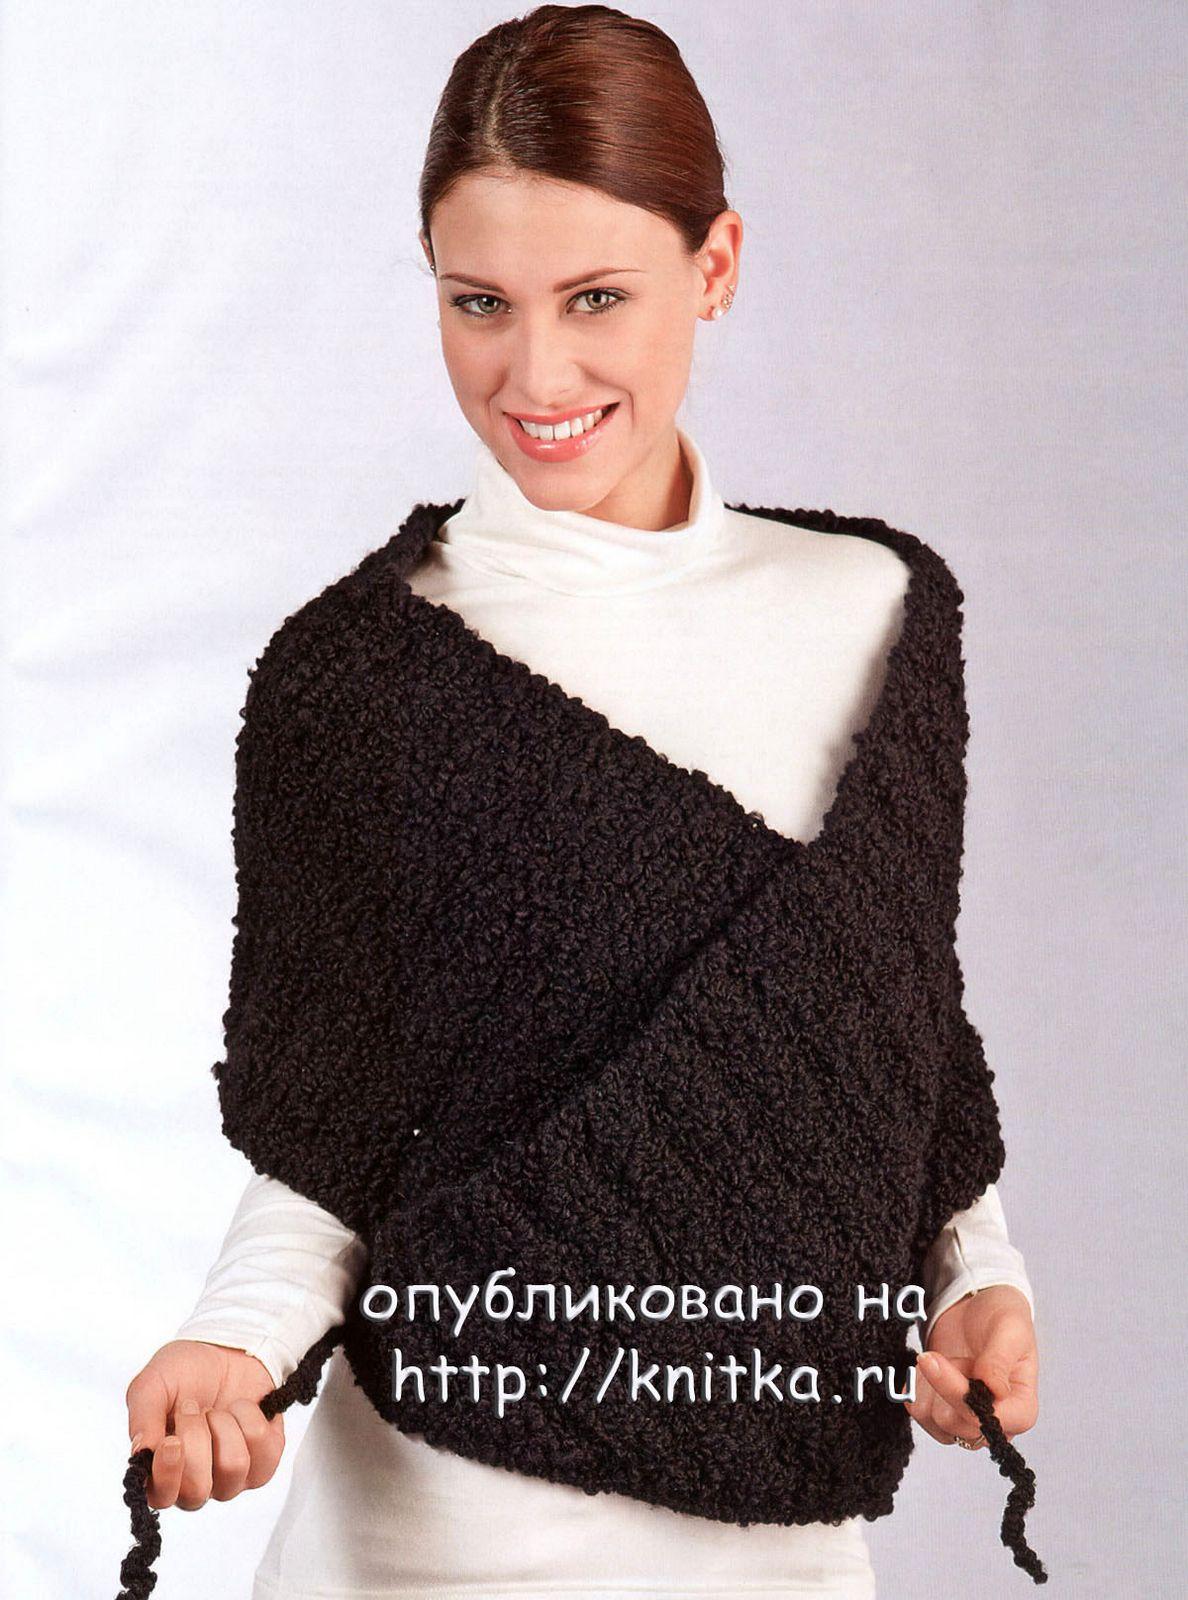 Читать схему для вязания ажурного платка спицами надо справа.  Язык: немецкий.  Описание: Вкайма спицами схемы.